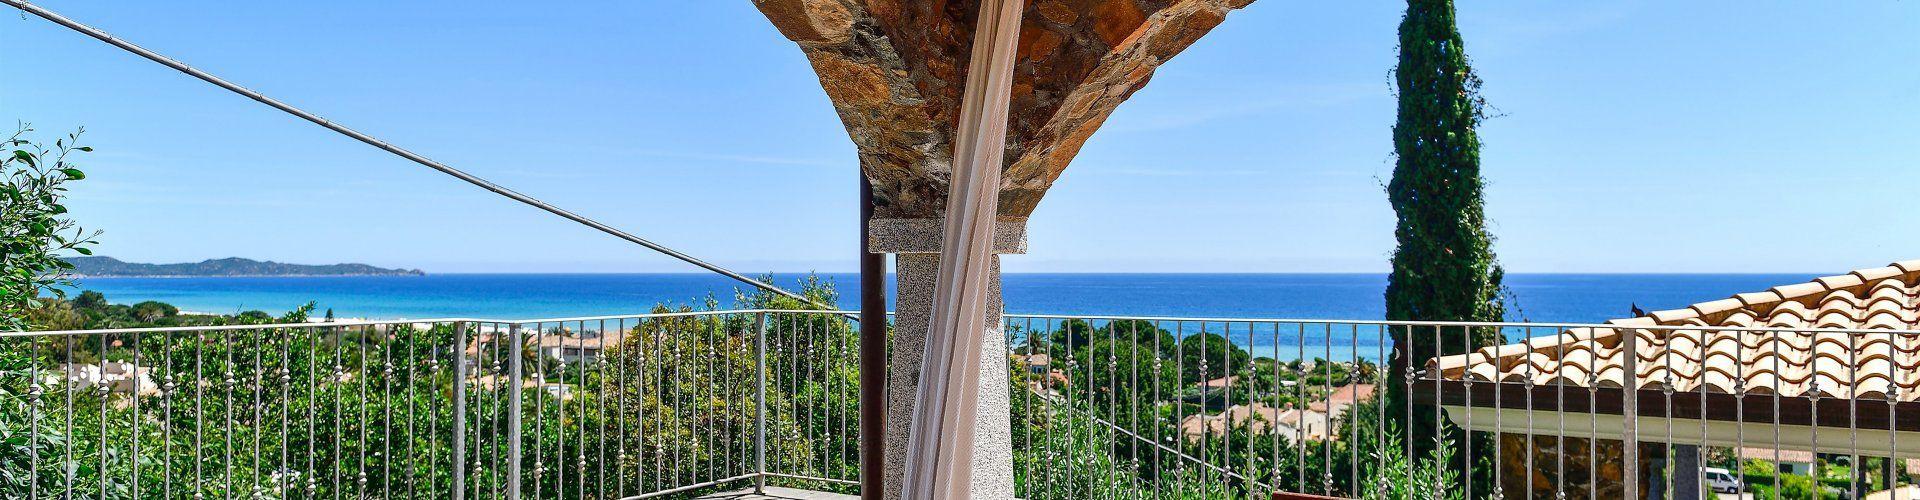 Wohnung mit Meerblick an der Costa Rei